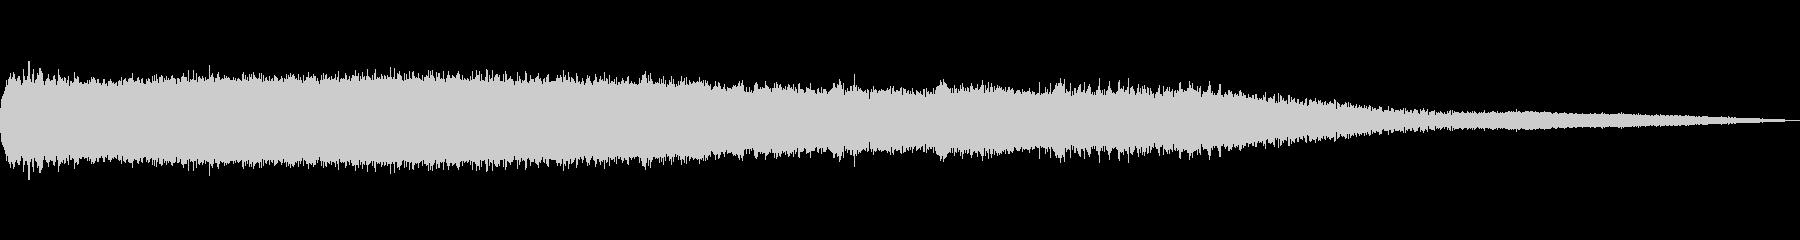 ミンミンゼミの未再生の波形